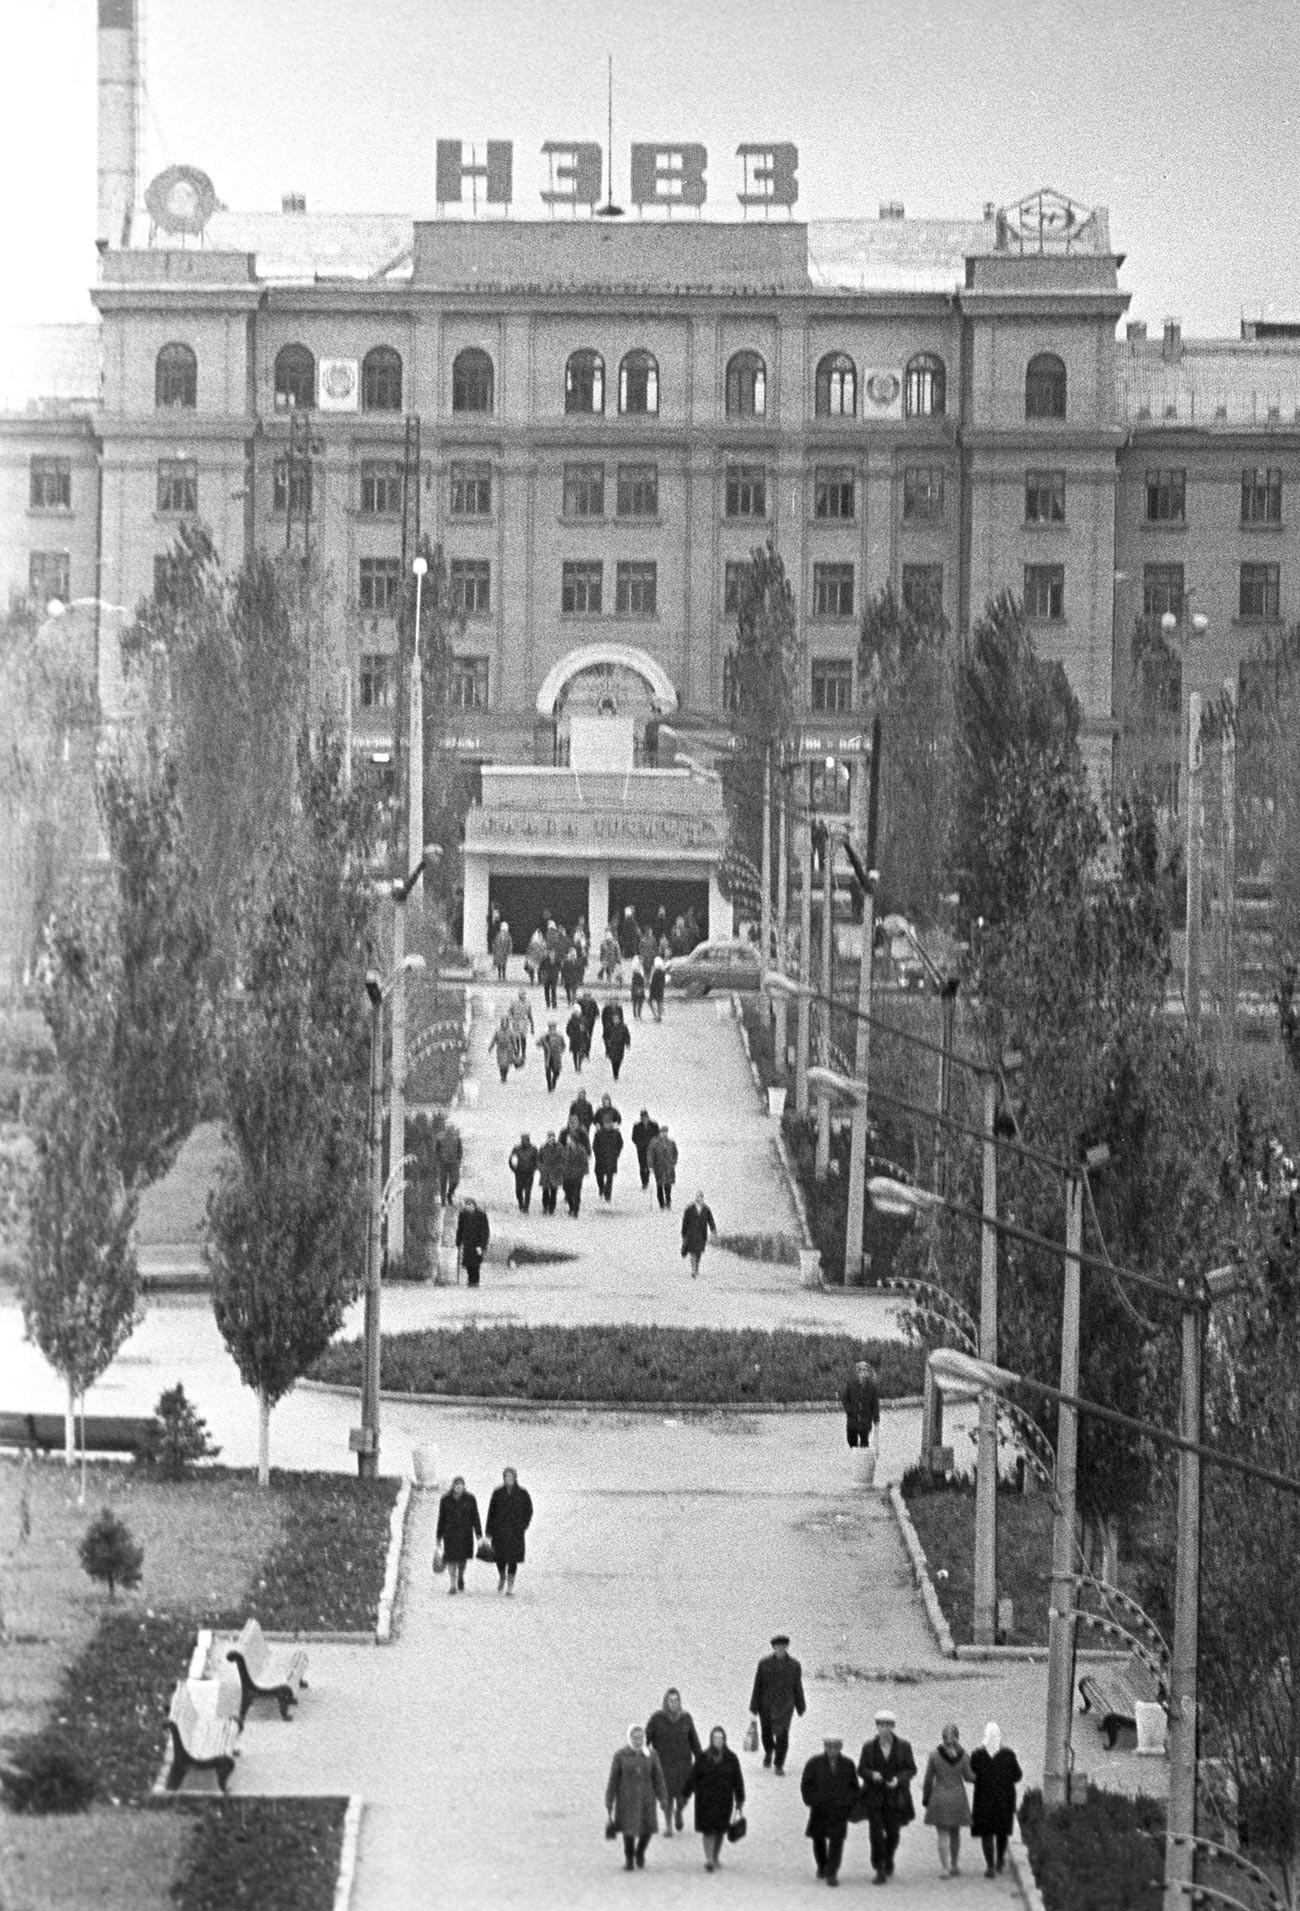 Il parco pubblico nel territorio della fabbrica di locomotive elettriche di Novocherkassk, dove ebbe inizio il massacro